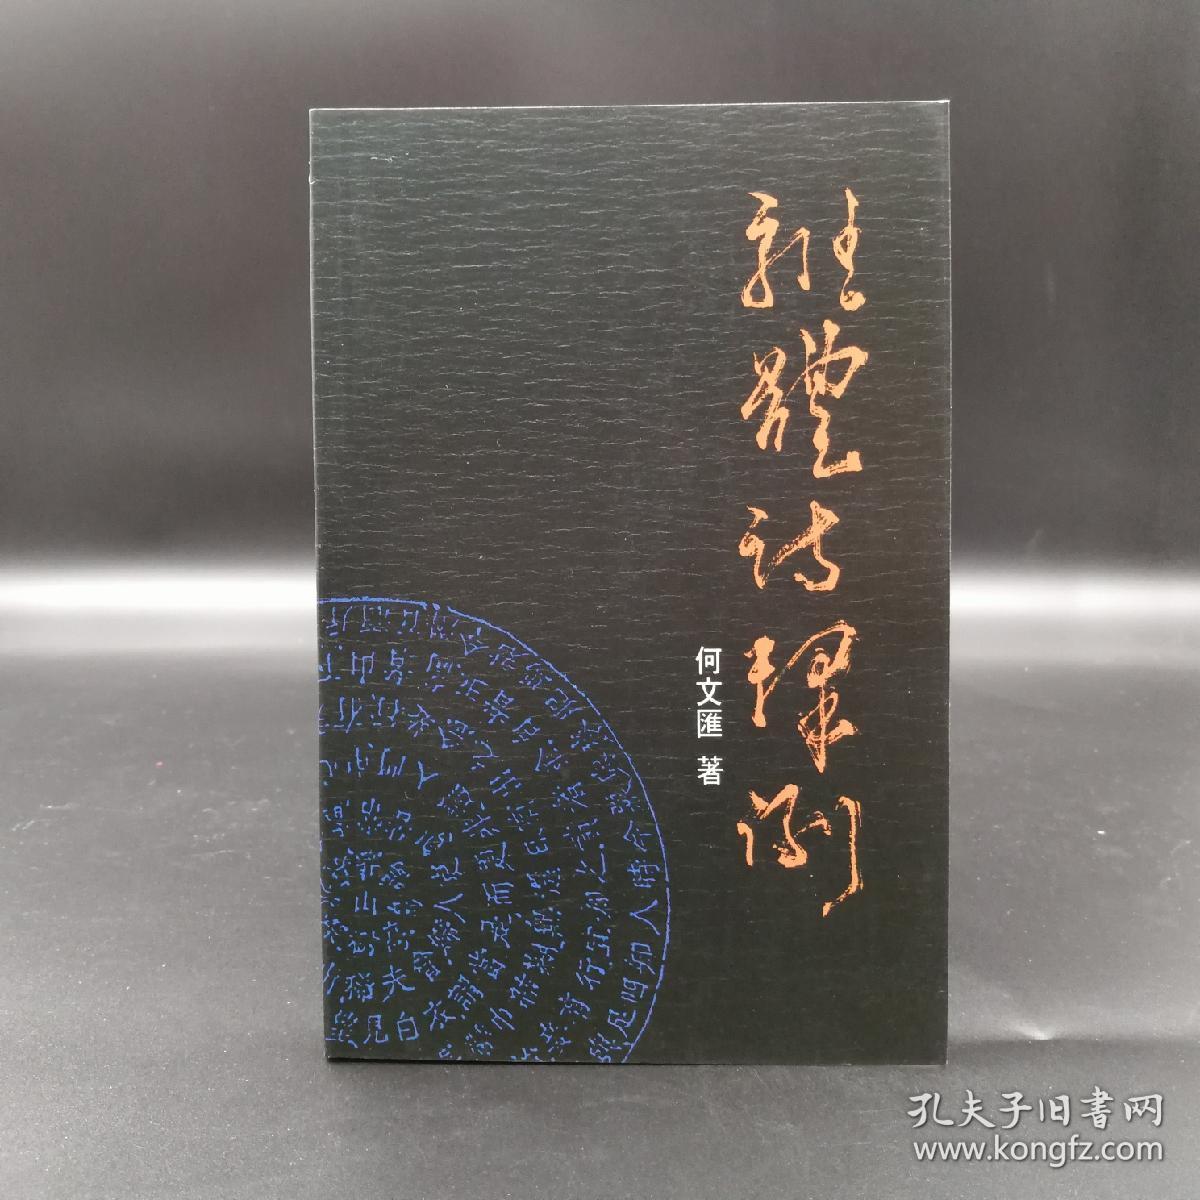 香港中文大学版 何文汇《雜體詩釋例》(锁线胶订)